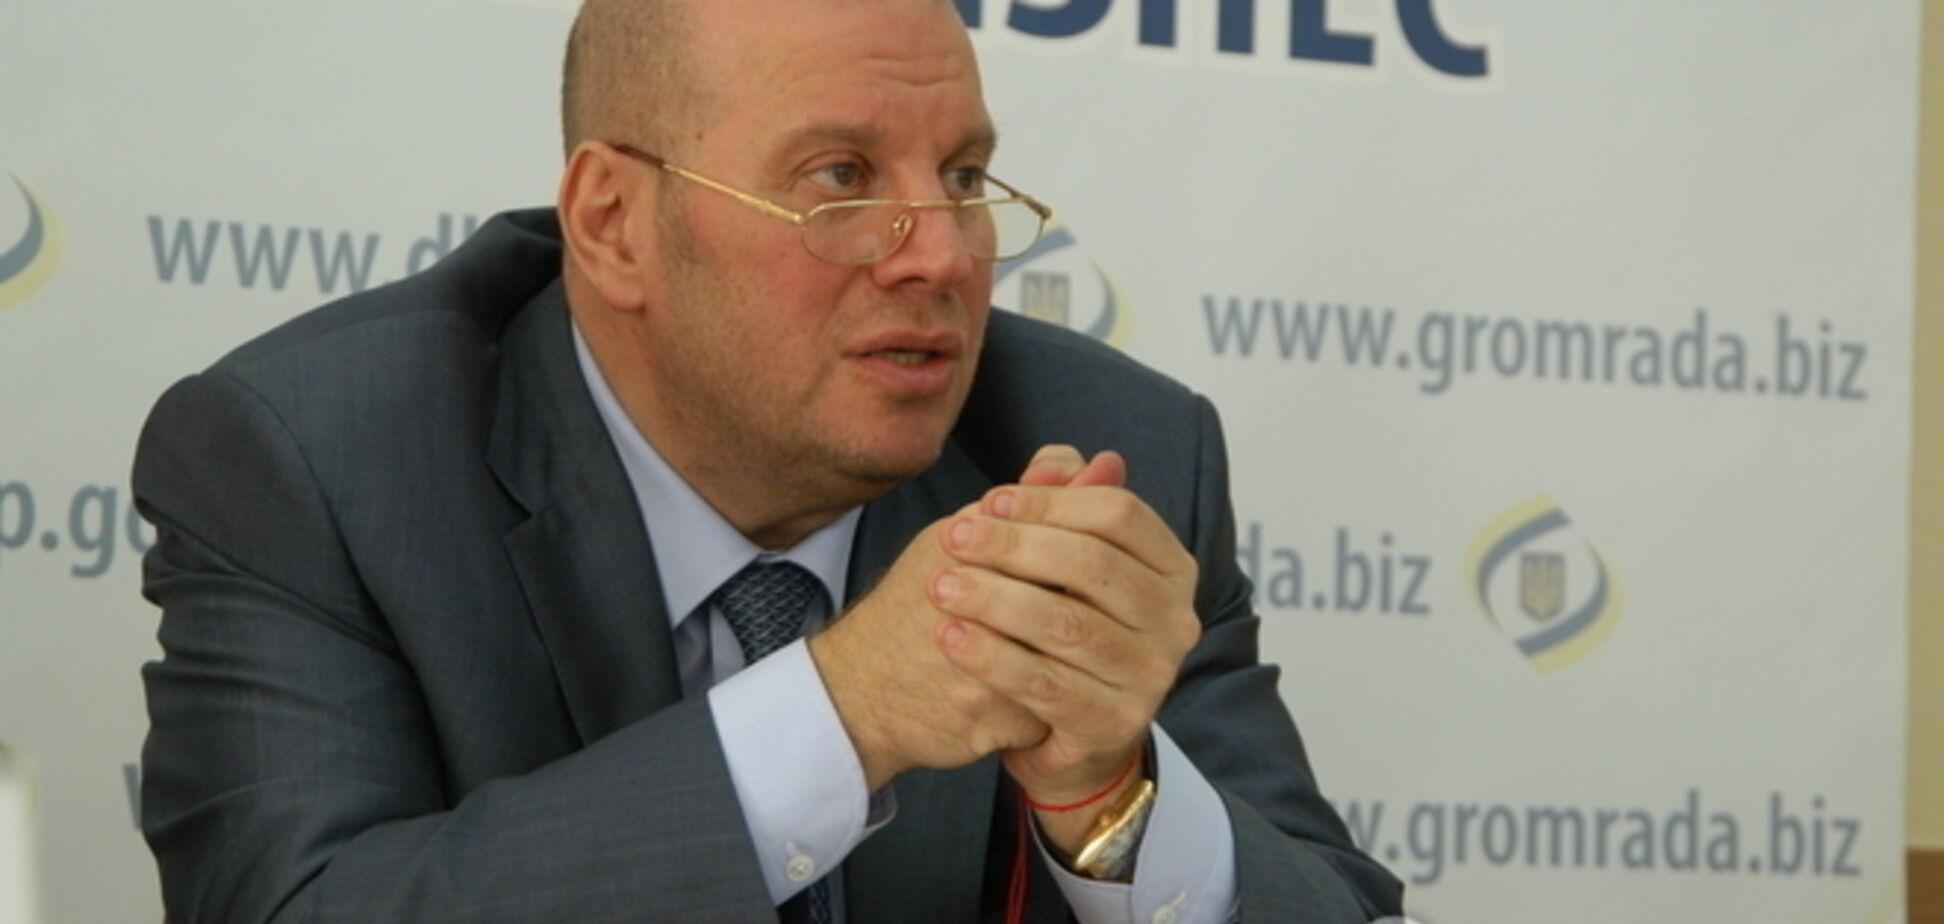 Бродский отстоял в суде право на существование Госпредпринимательства